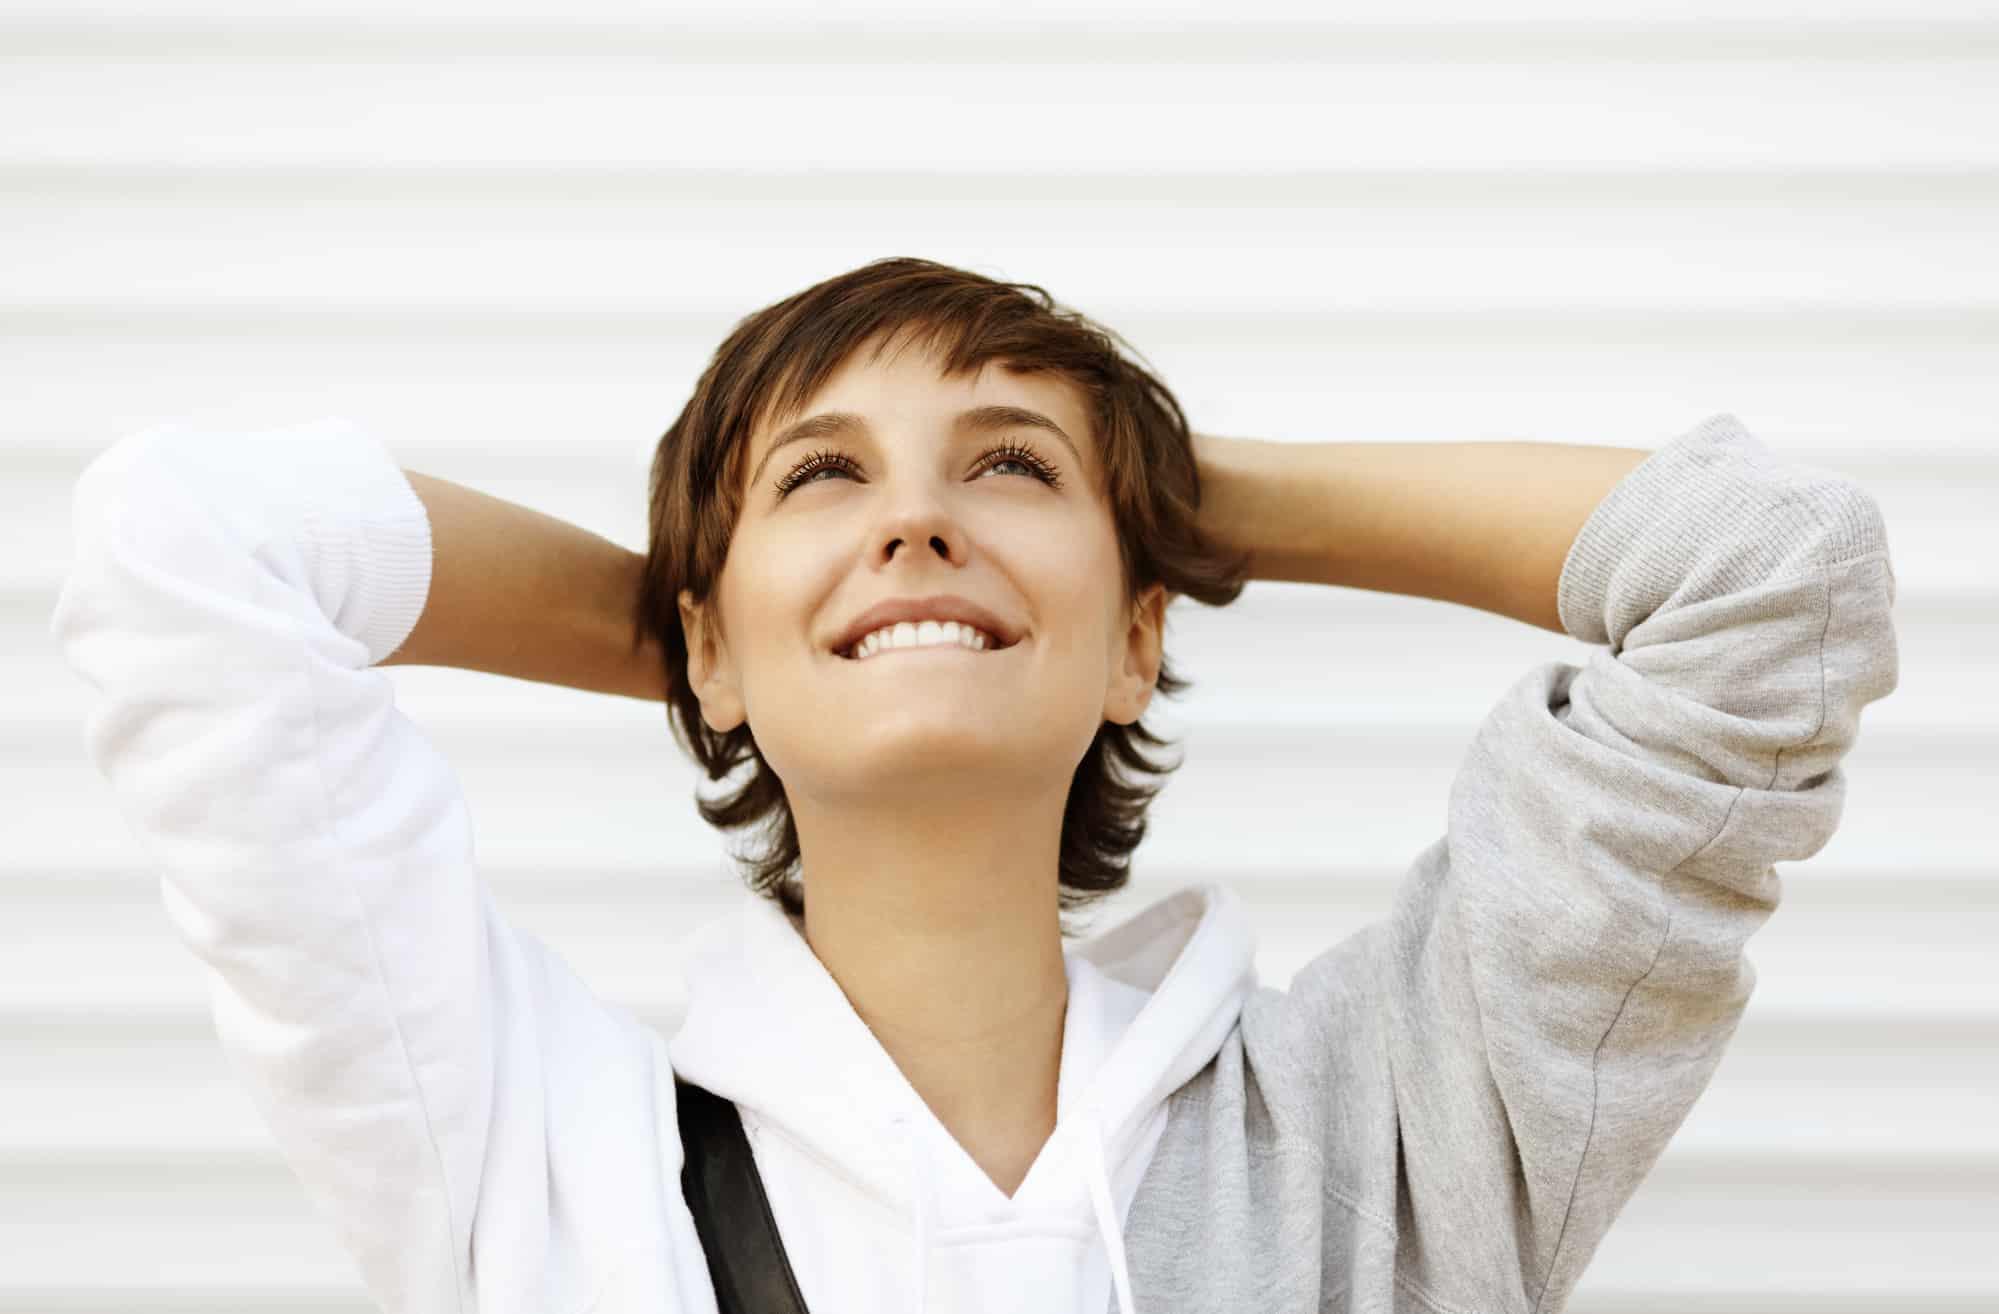 selbstwertgefühl wieder aufbauen